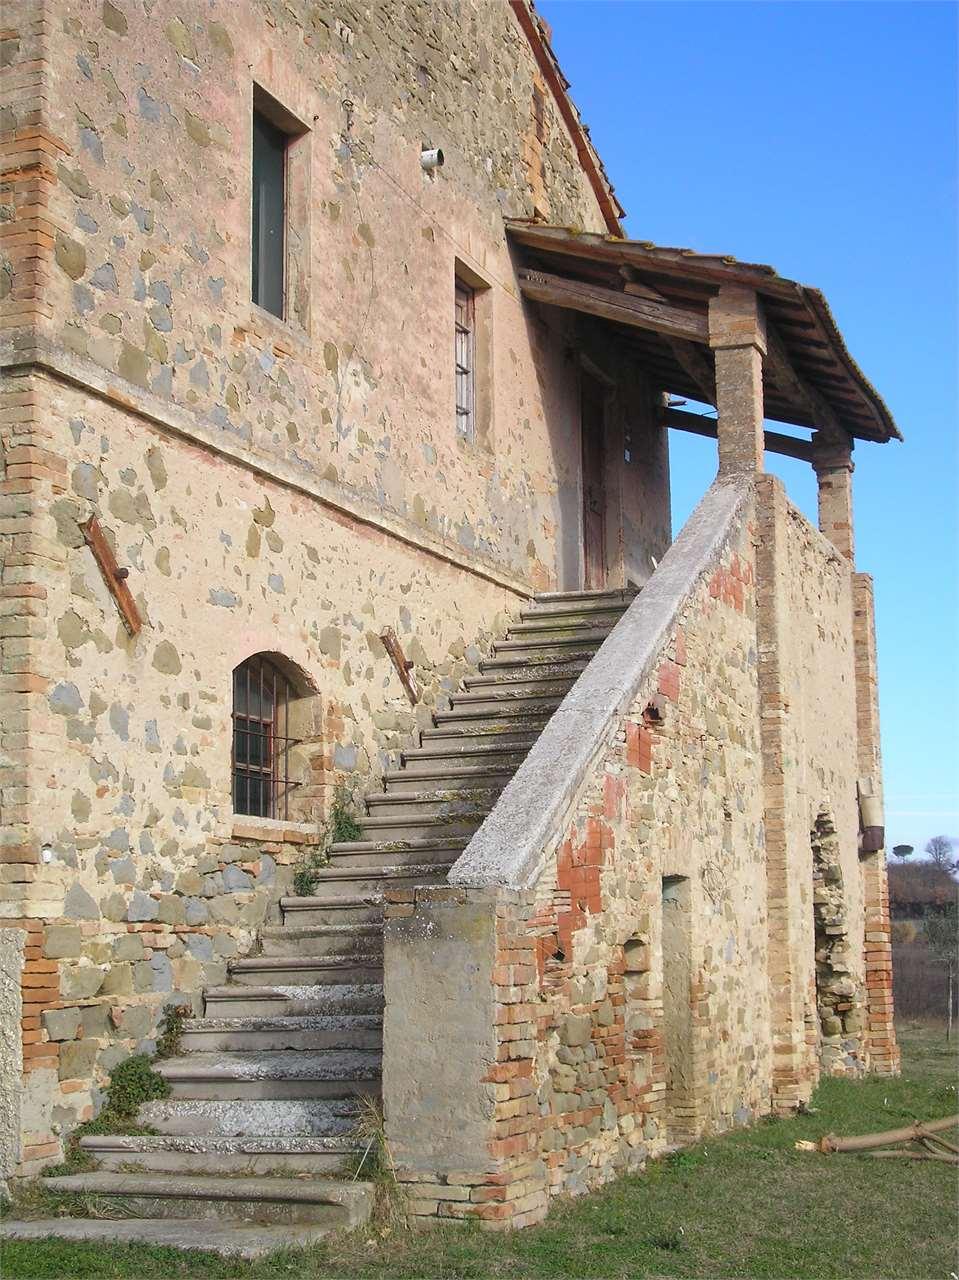 Rustico / Casale in vendita a Torgiano, 10 locali, zona Zona: Brufa, prezzo € 490.000 | Cambio Casa.it